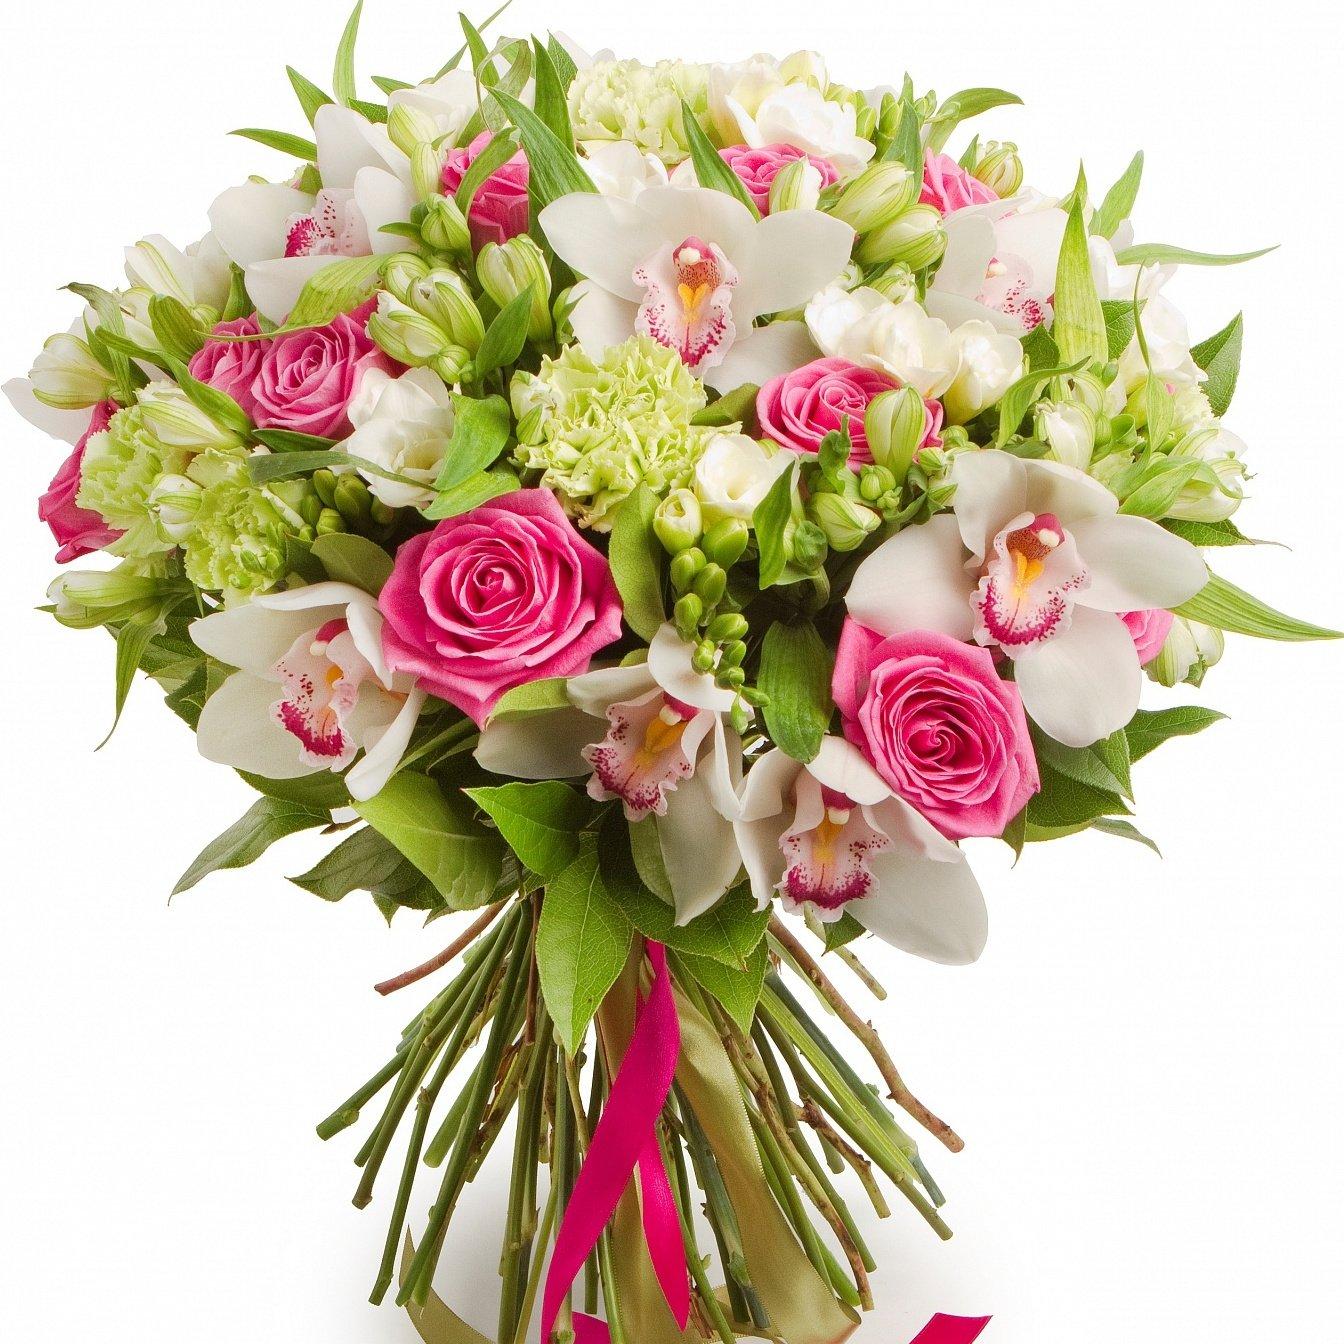 это фотография красивого букета цветы был первый случай